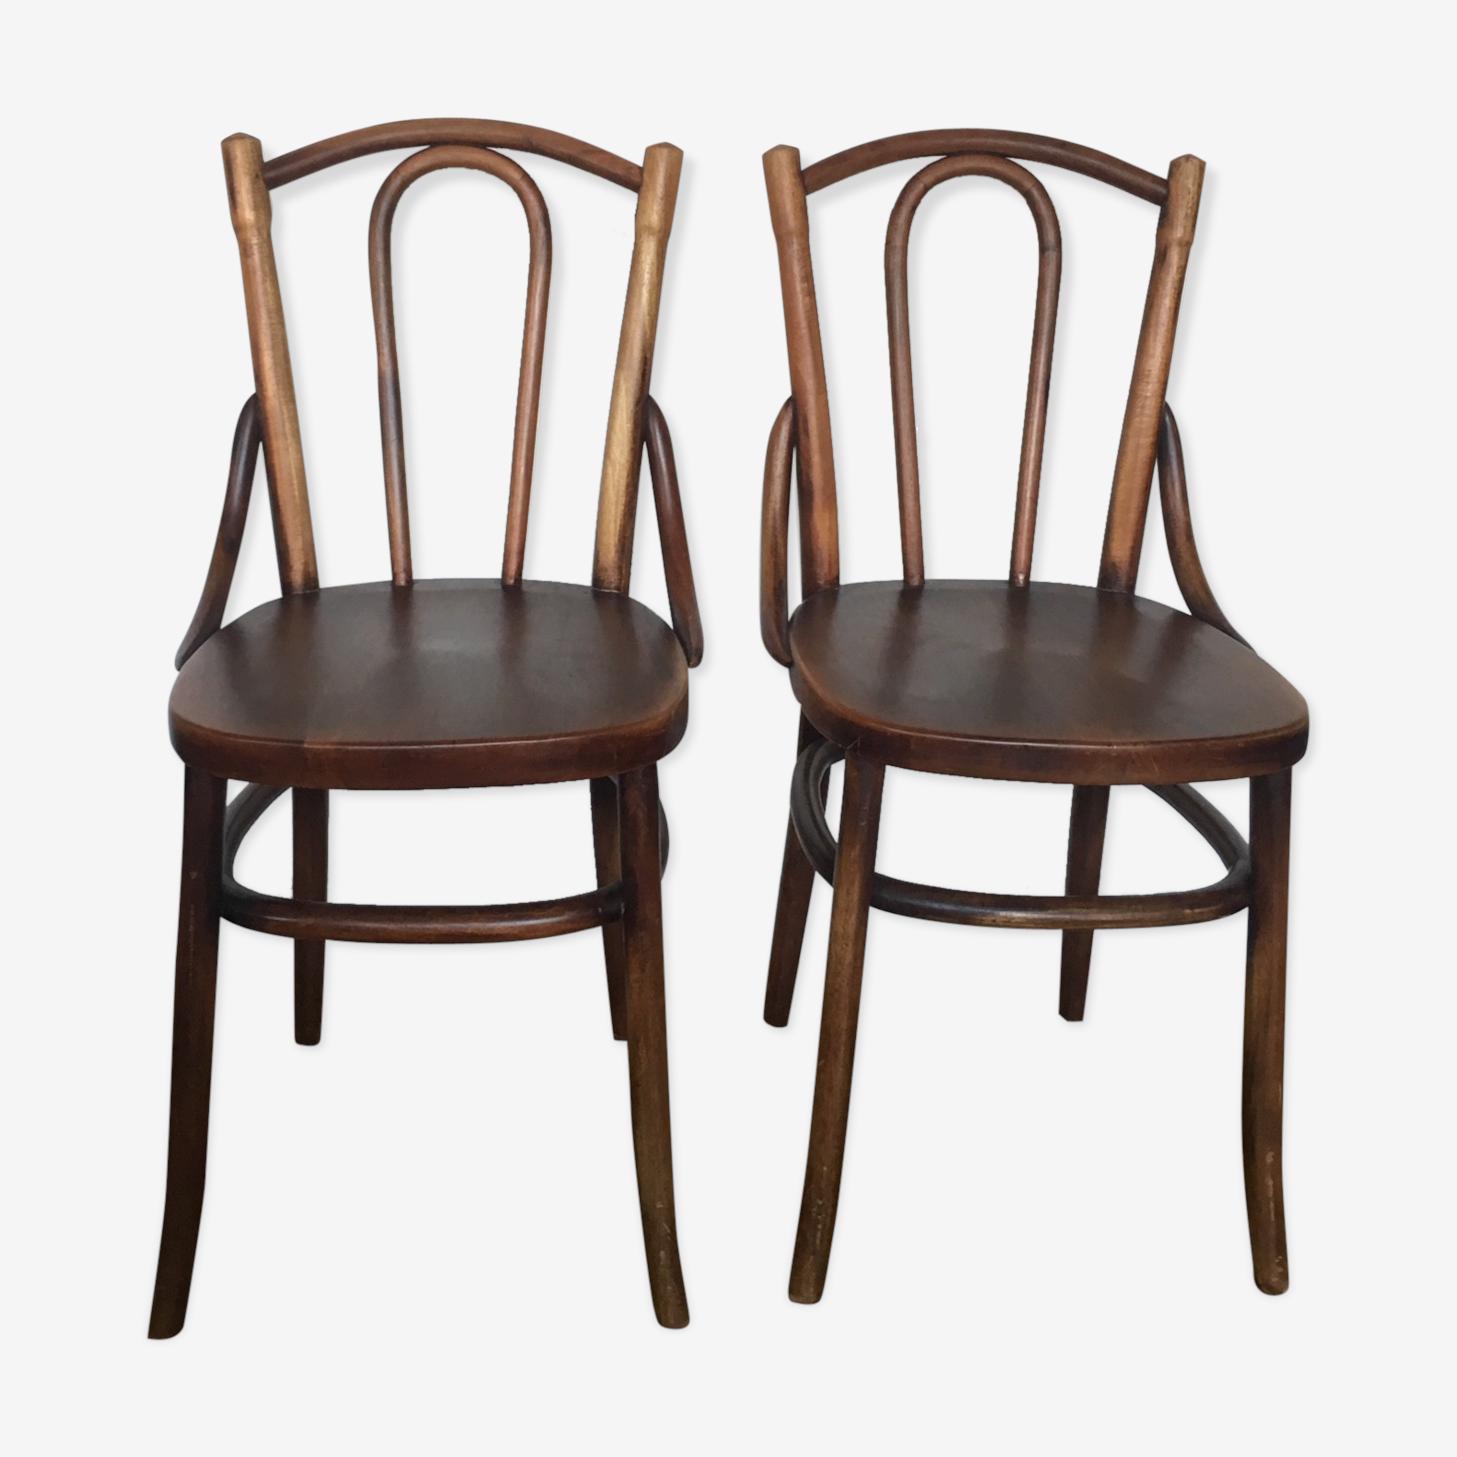 Paire de chaise bois plein